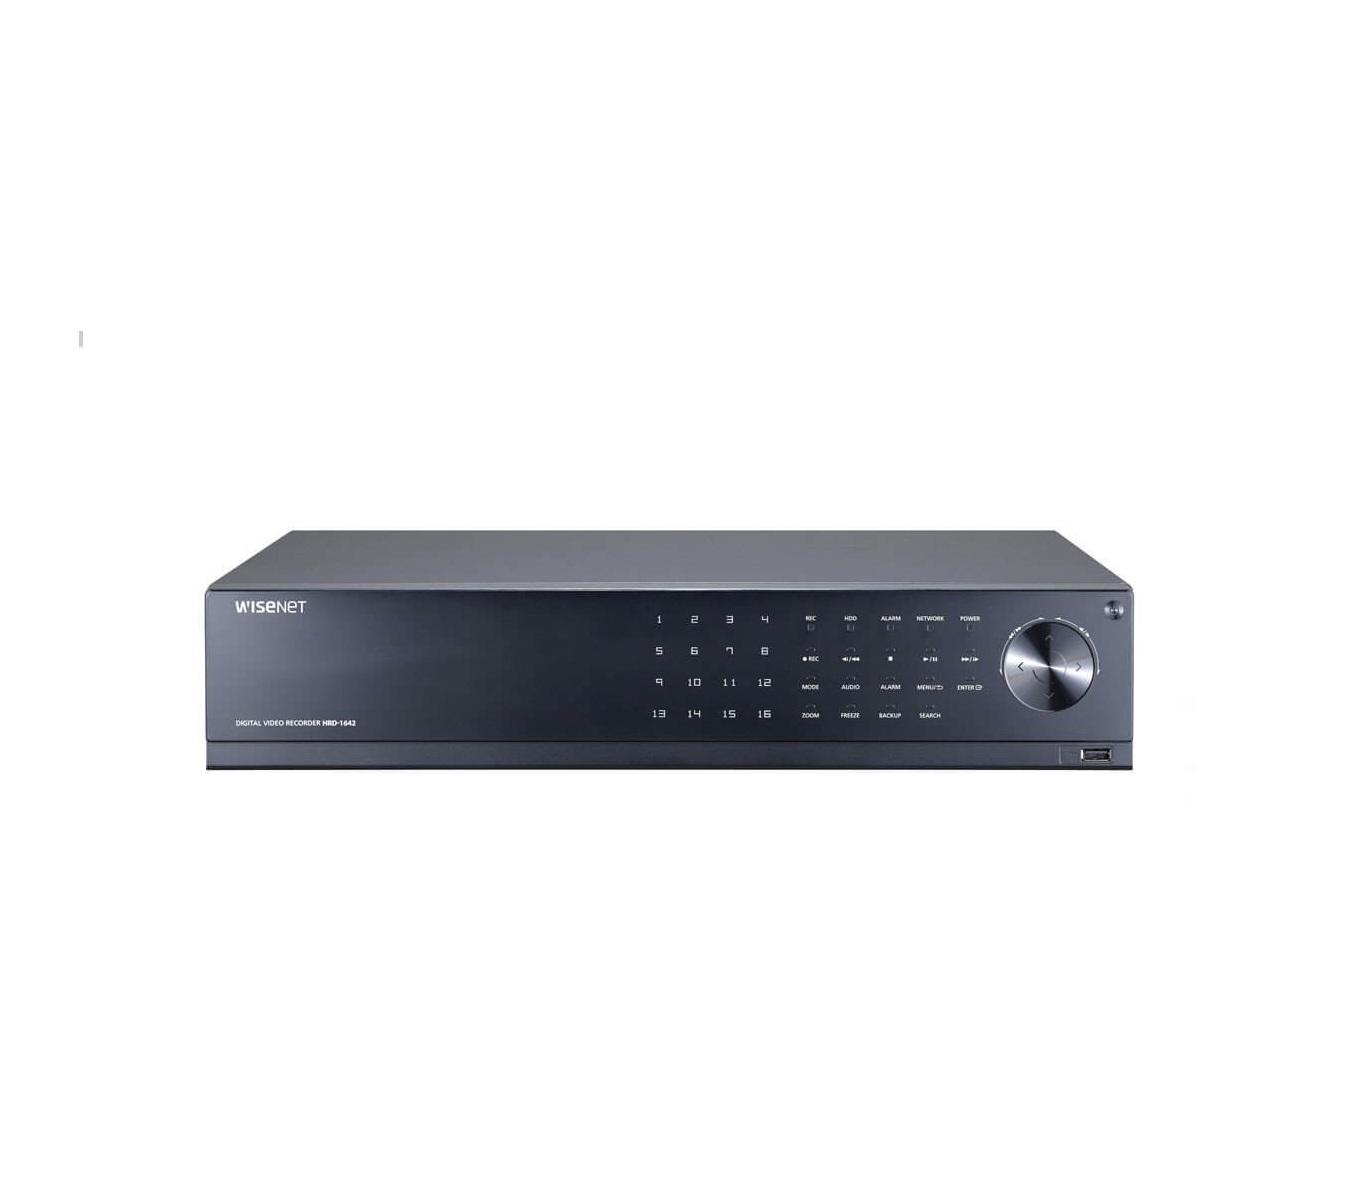 Đâu ghi Samsung HRD-1641P/VAP